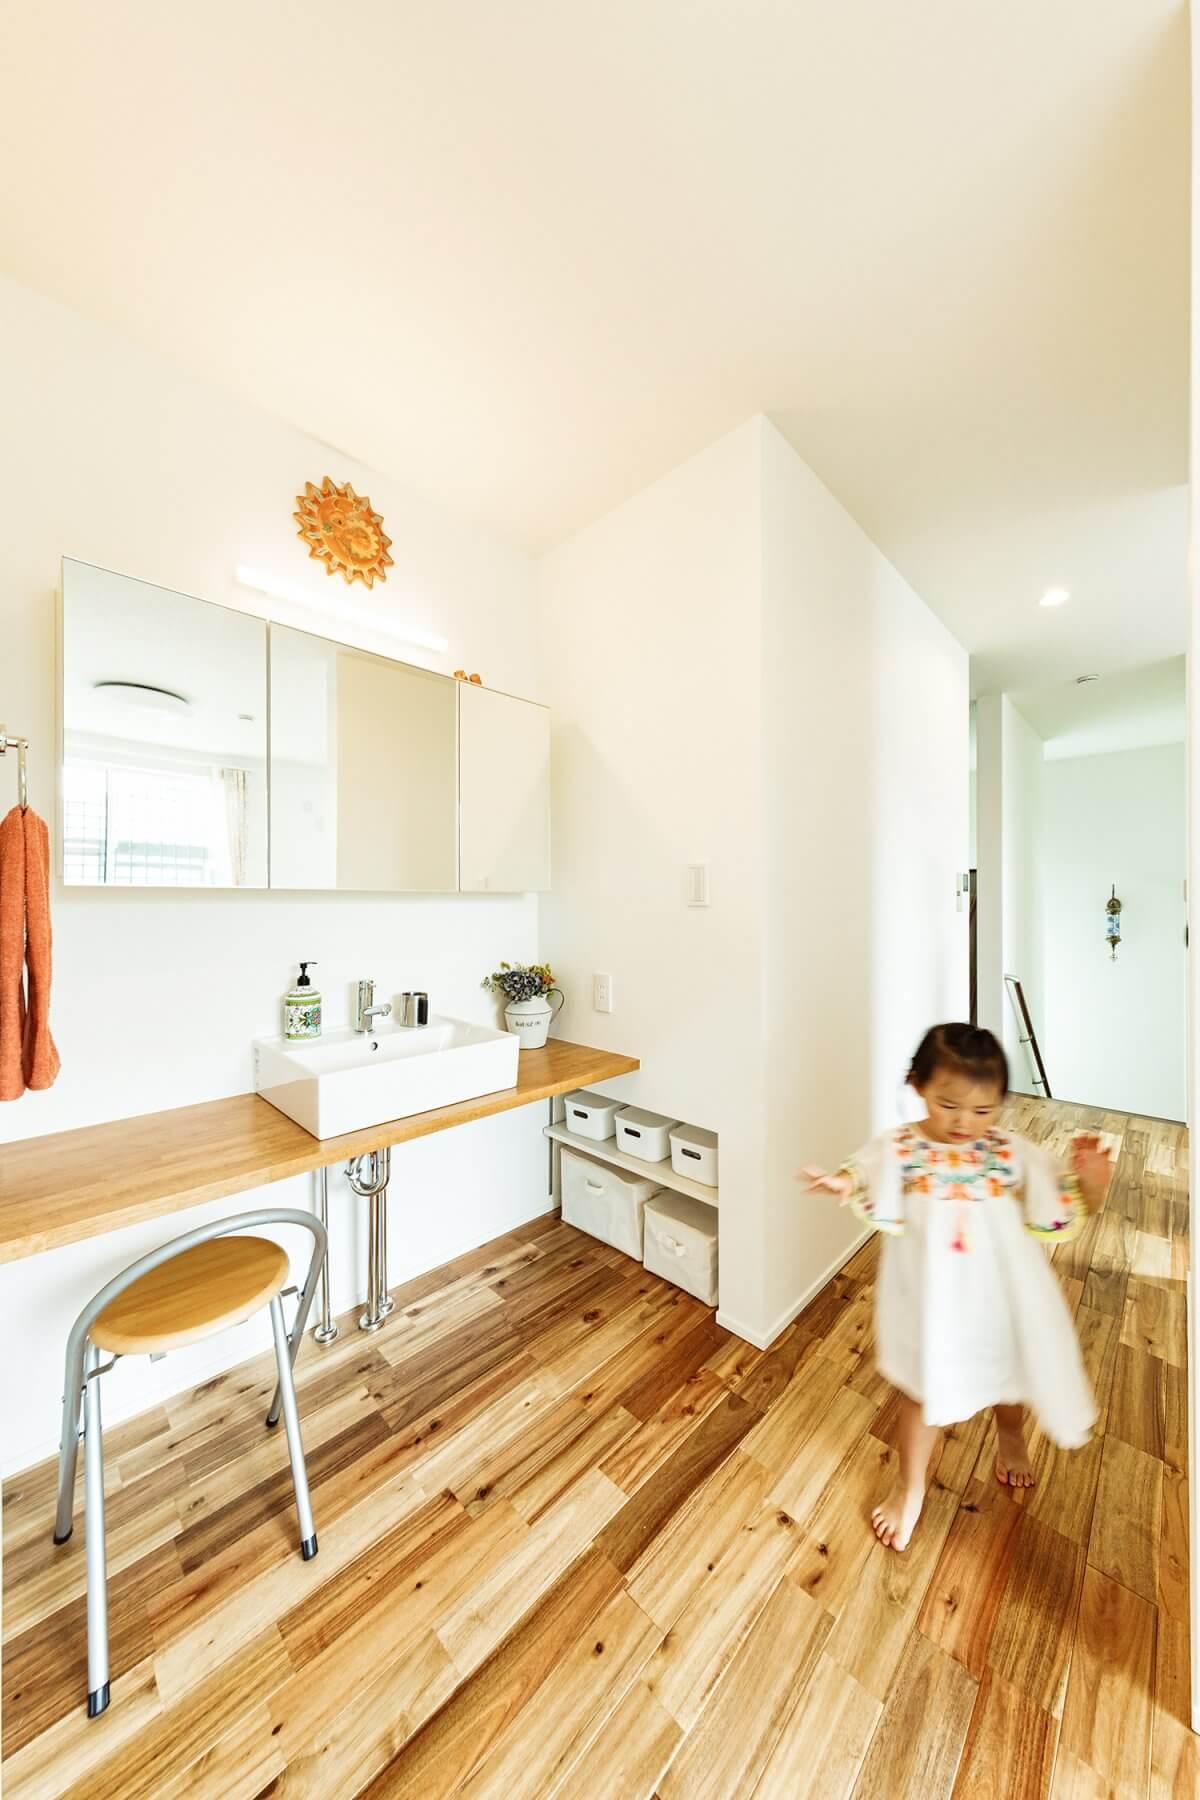 2階のオープンスペースの脇には、手洗いコーナーを設置。子供の手洗いの習慣を促すプランです。